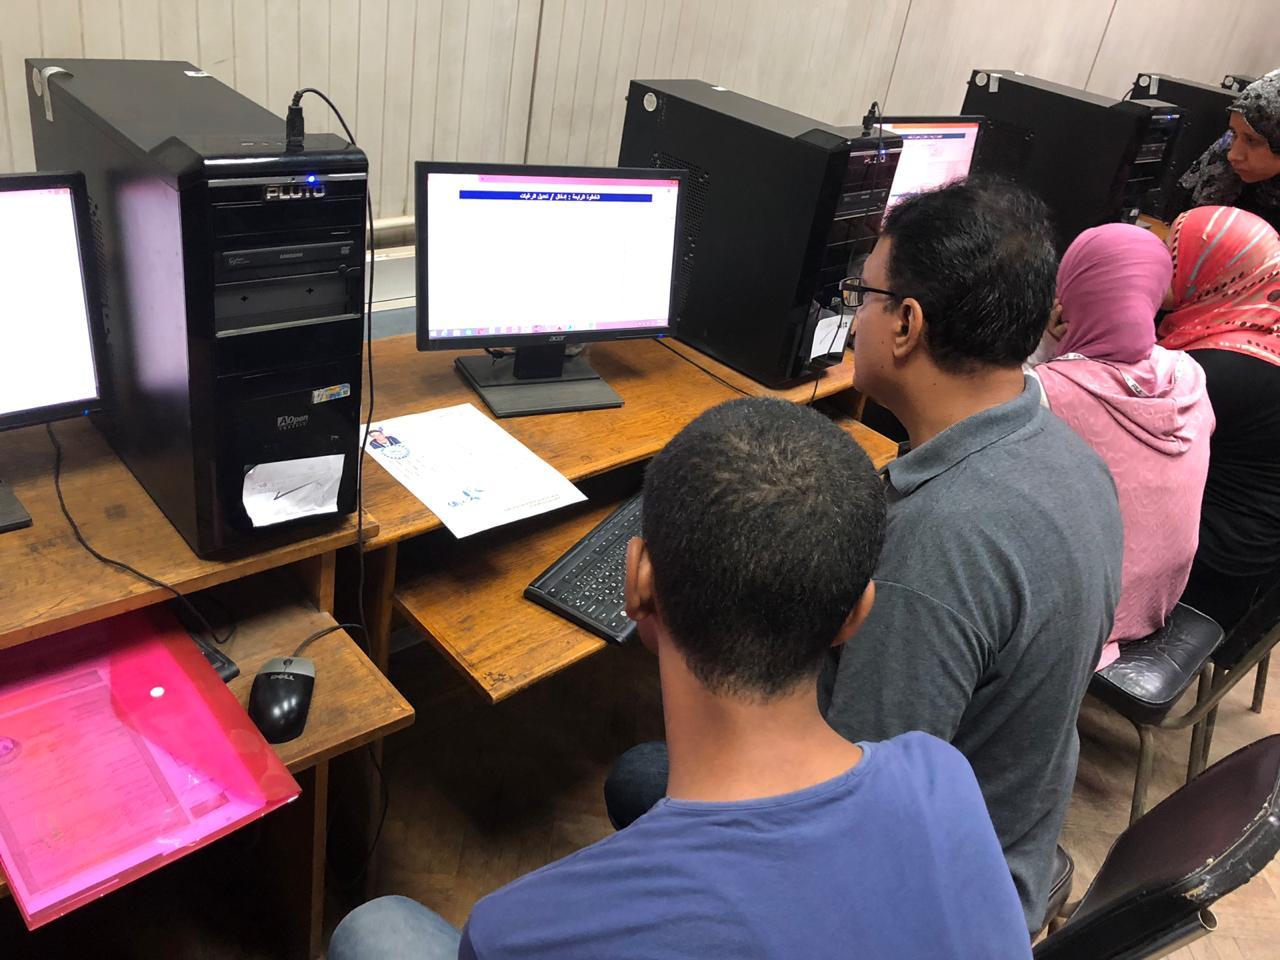 معامل الحاسب الآلى تستقبل طلاب المرحلة الأولى للتنسيق